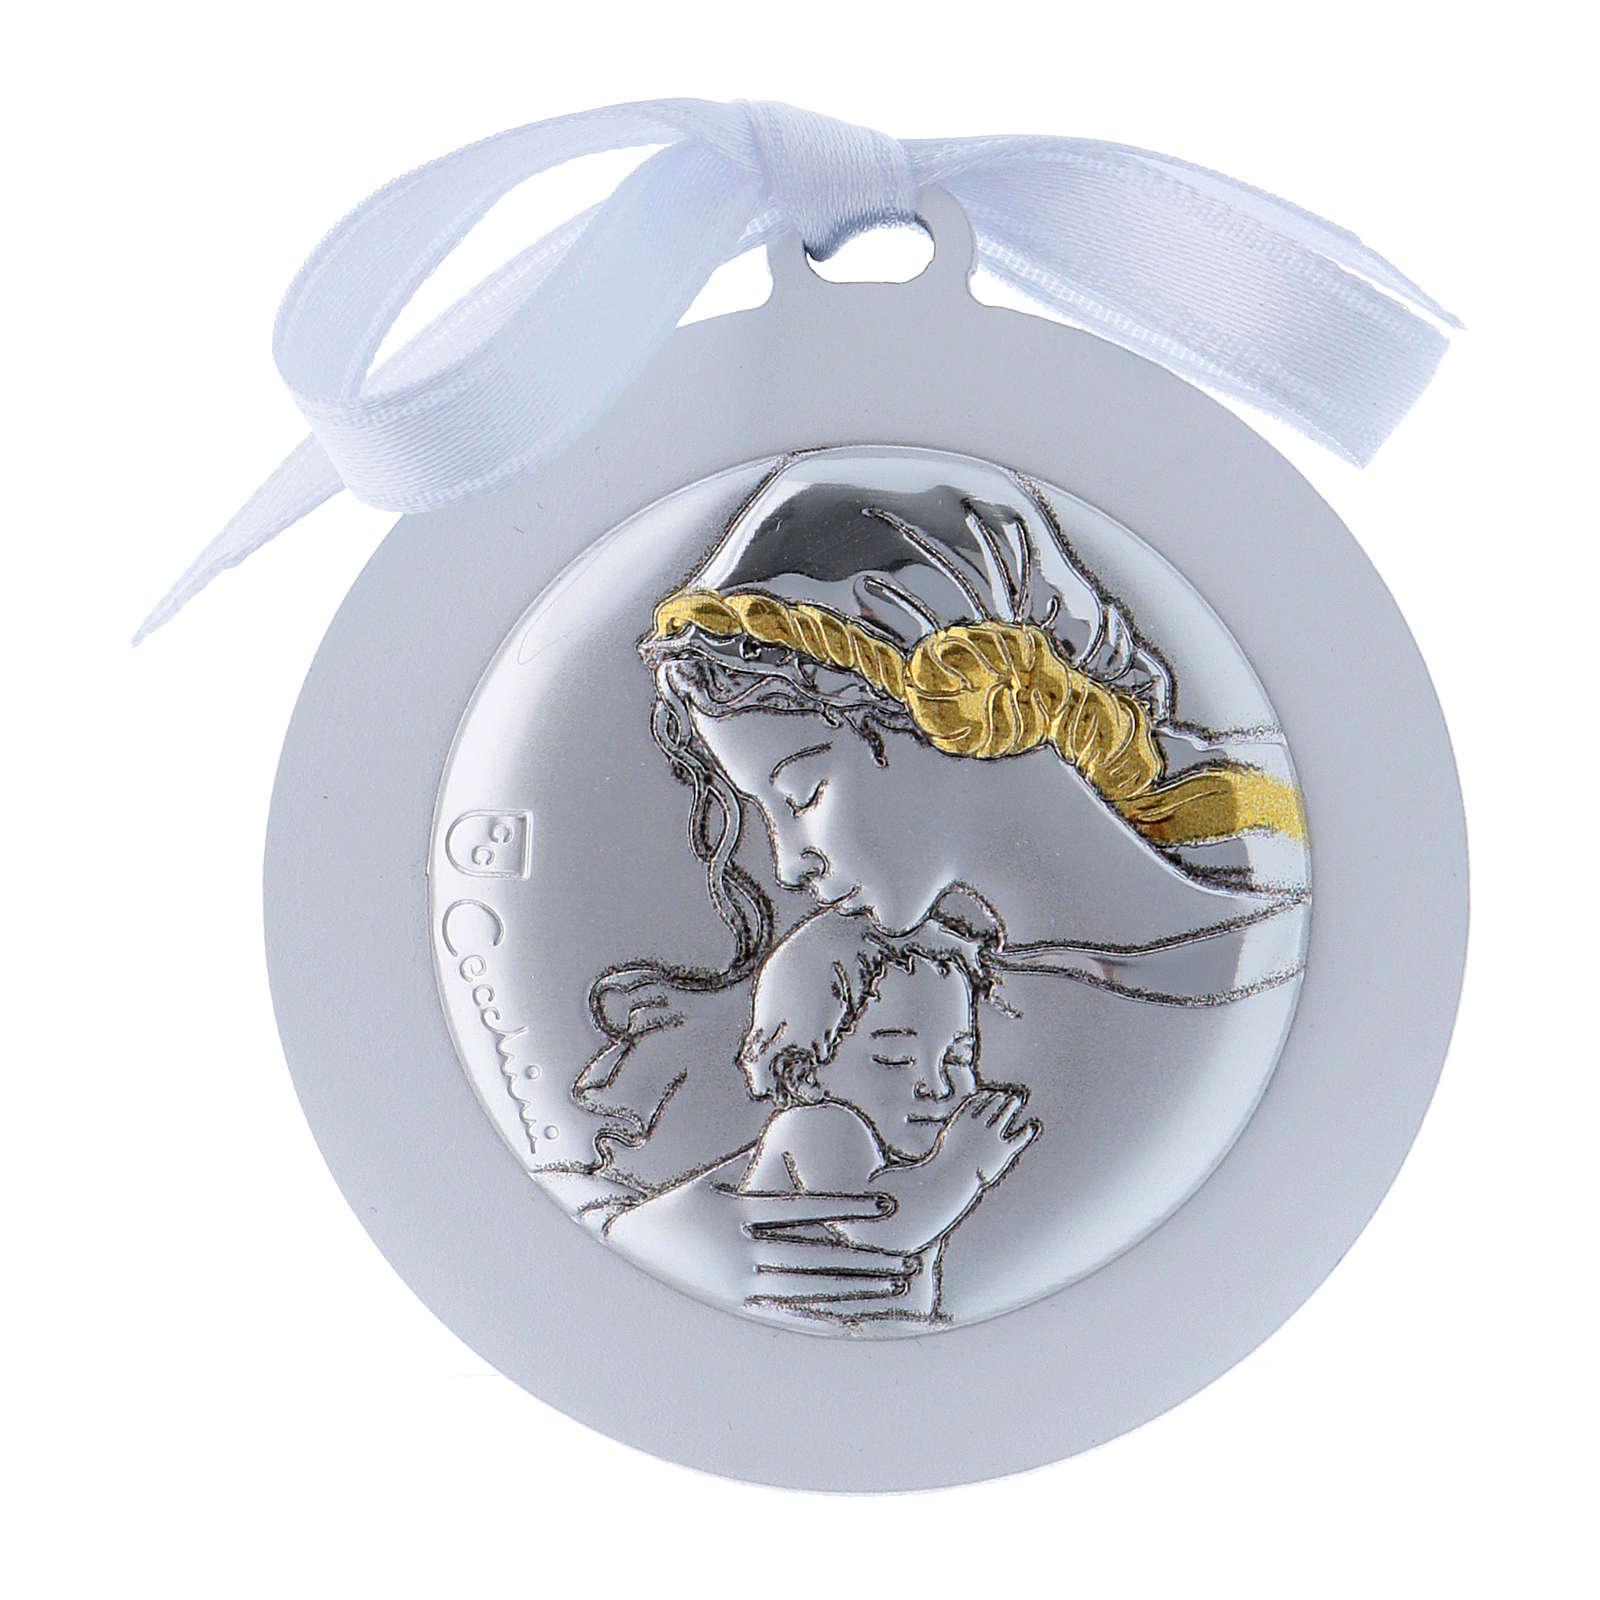 Sopraculla nastro bianco Madonna Bambino bilaminato finiture oro 4 cm 4